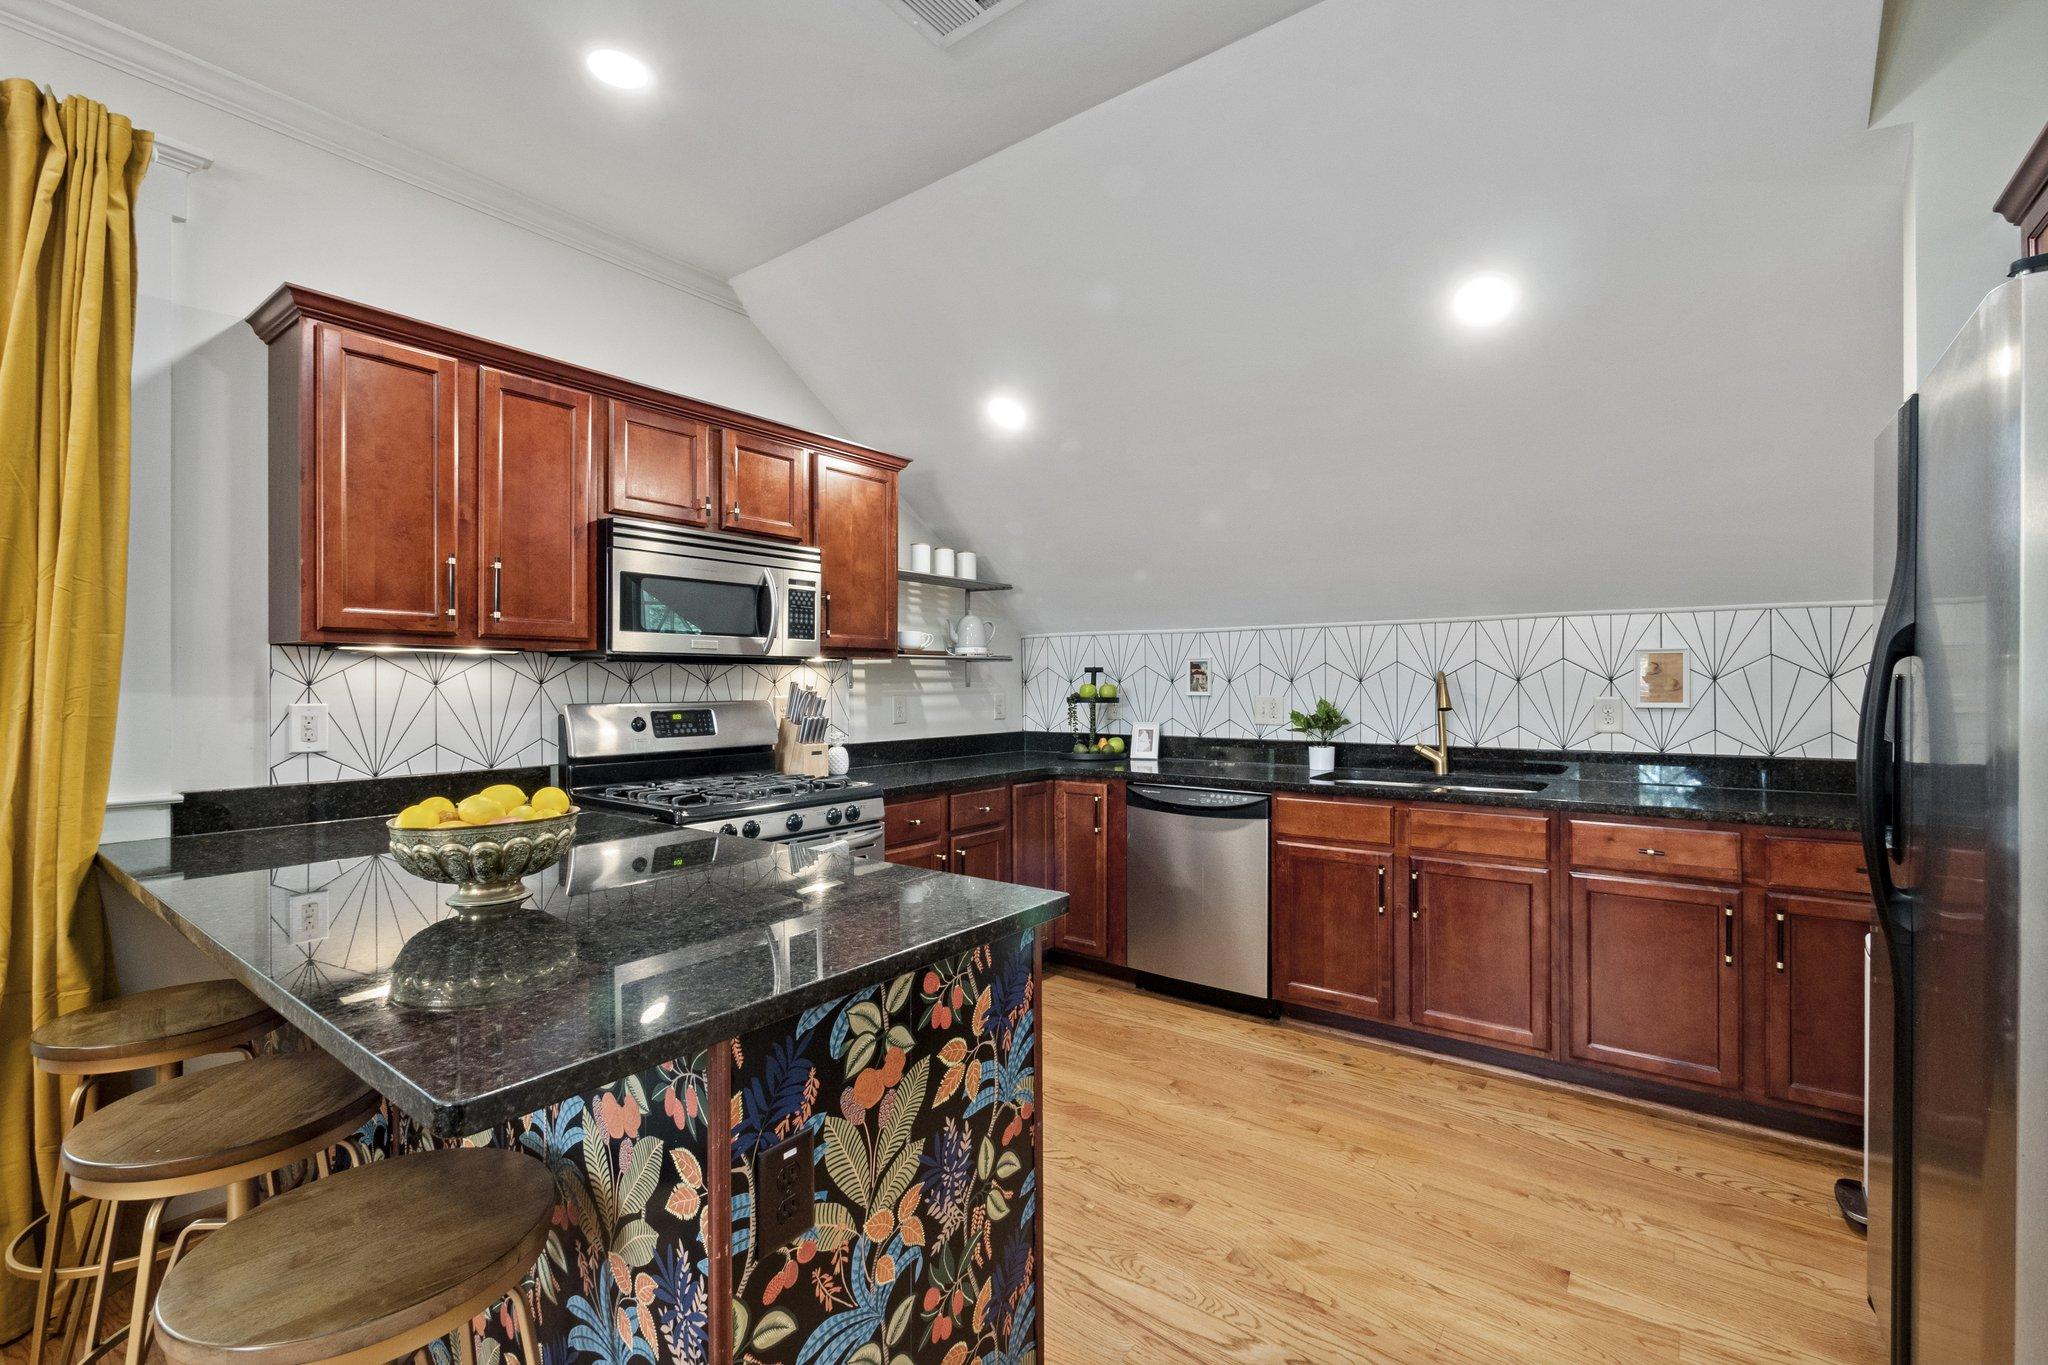 04 kitchen10.jpg